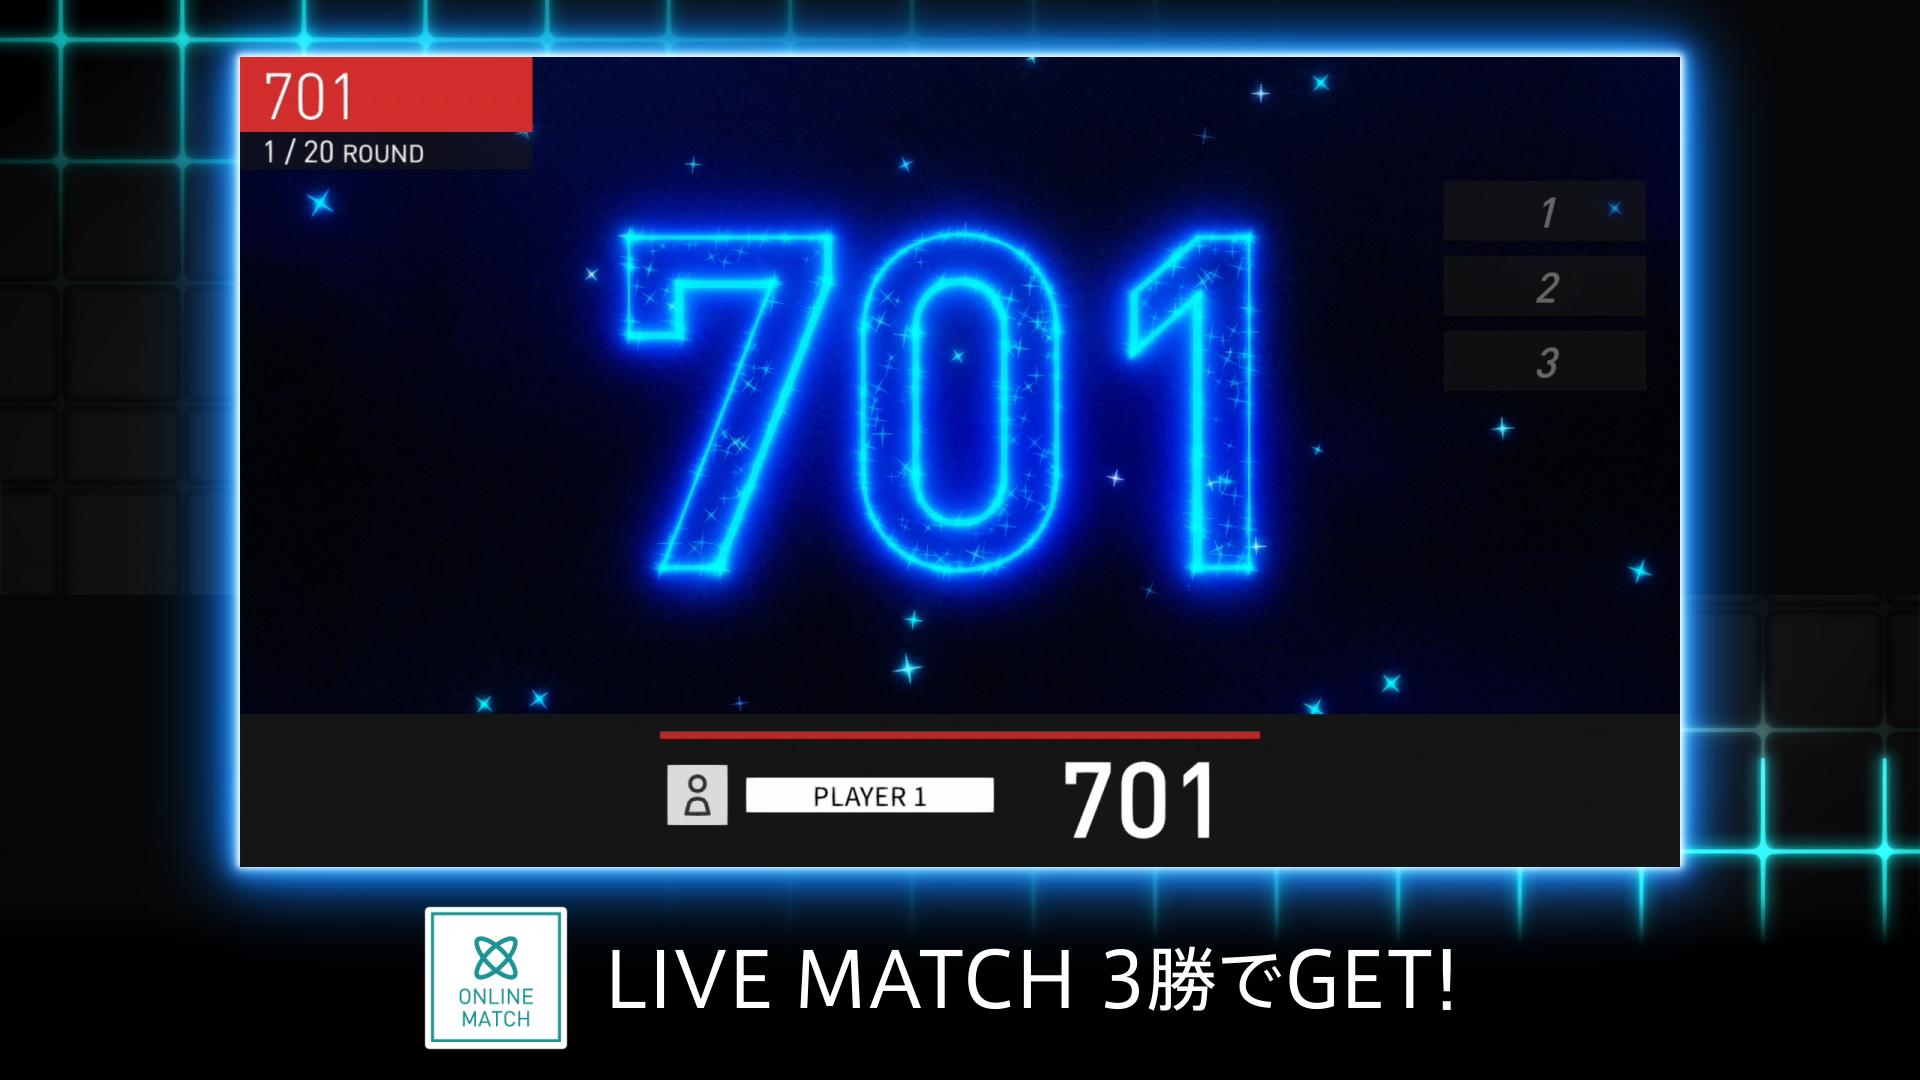 【DARTSLIVE3】LIVE MATCHでU-22応援キャンペーン開始!